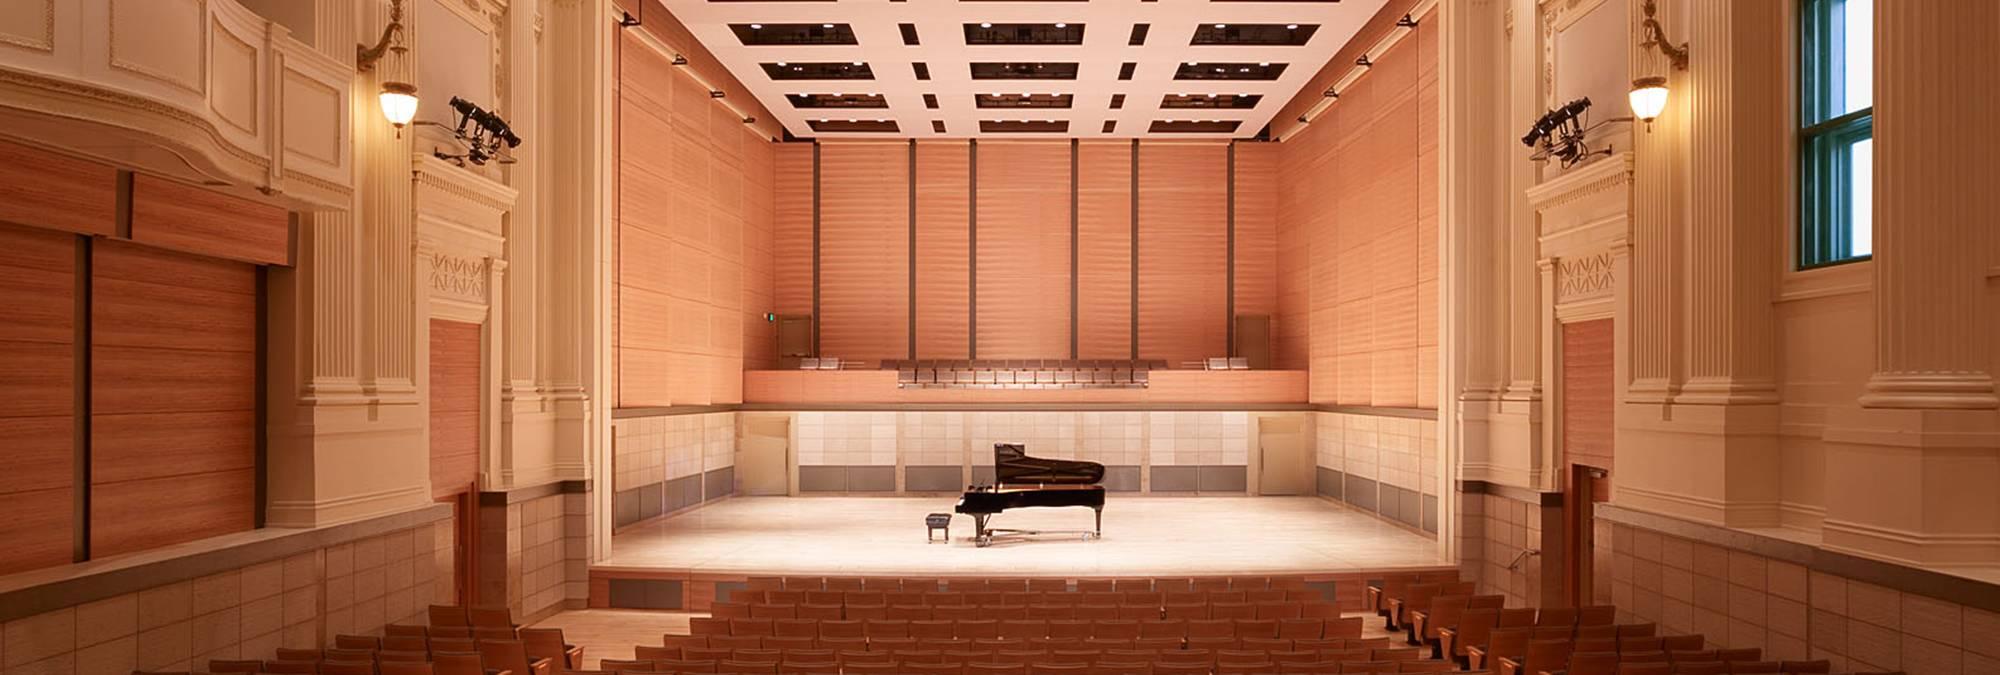 Caroline H. Hume Concert Hall